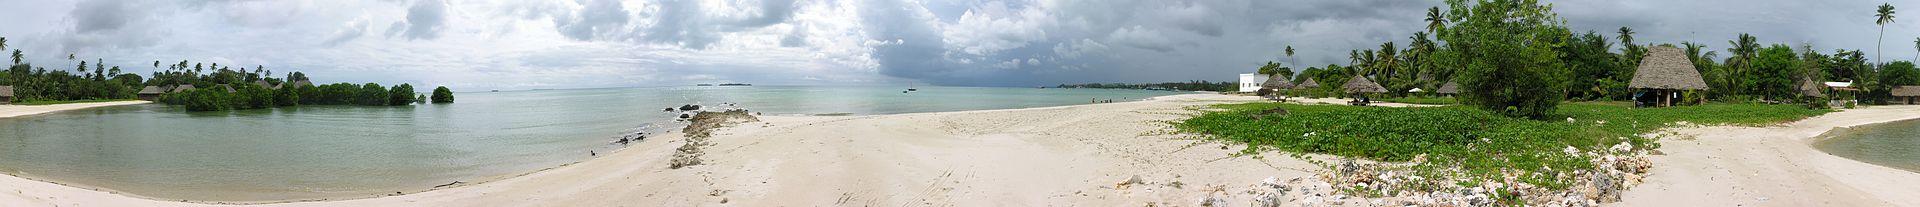 Strand auf Sansibar (c) Hansueli Krapf CC BY SA 3.0